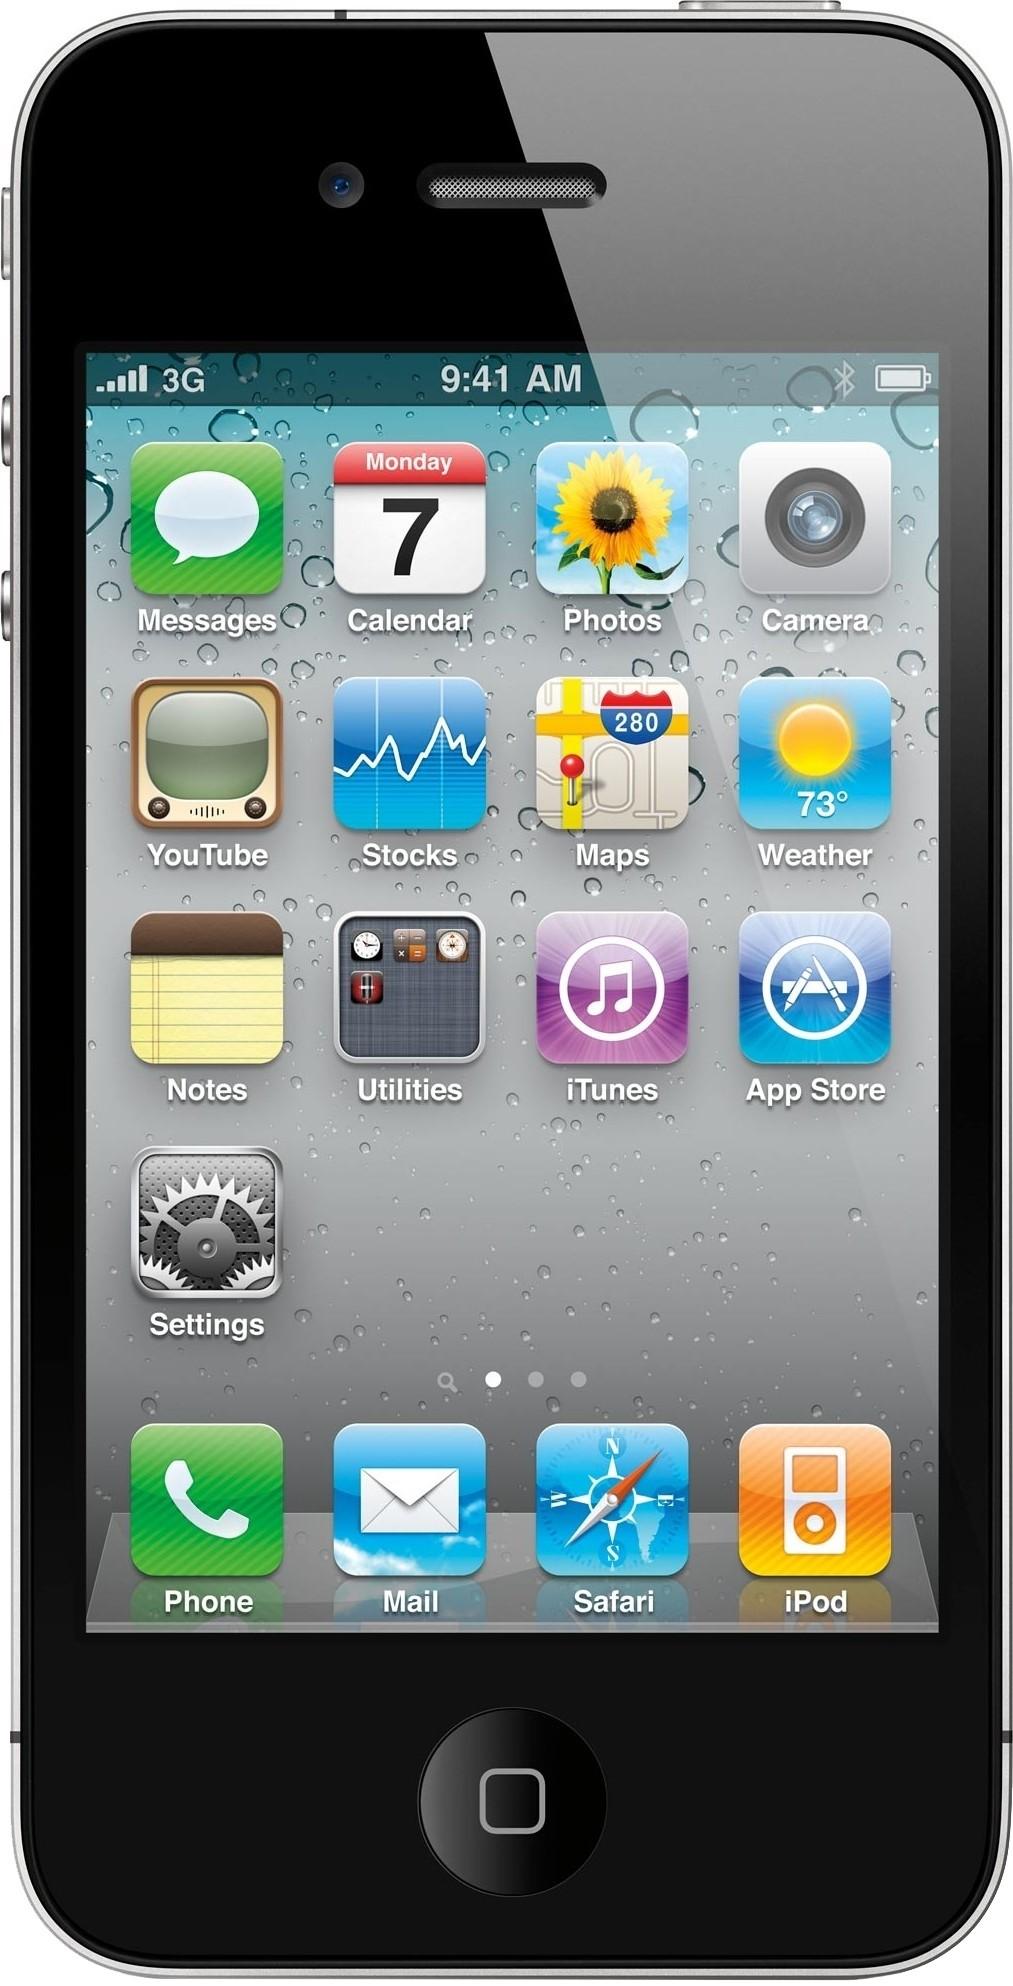 купить айфон 4 в киеве цена